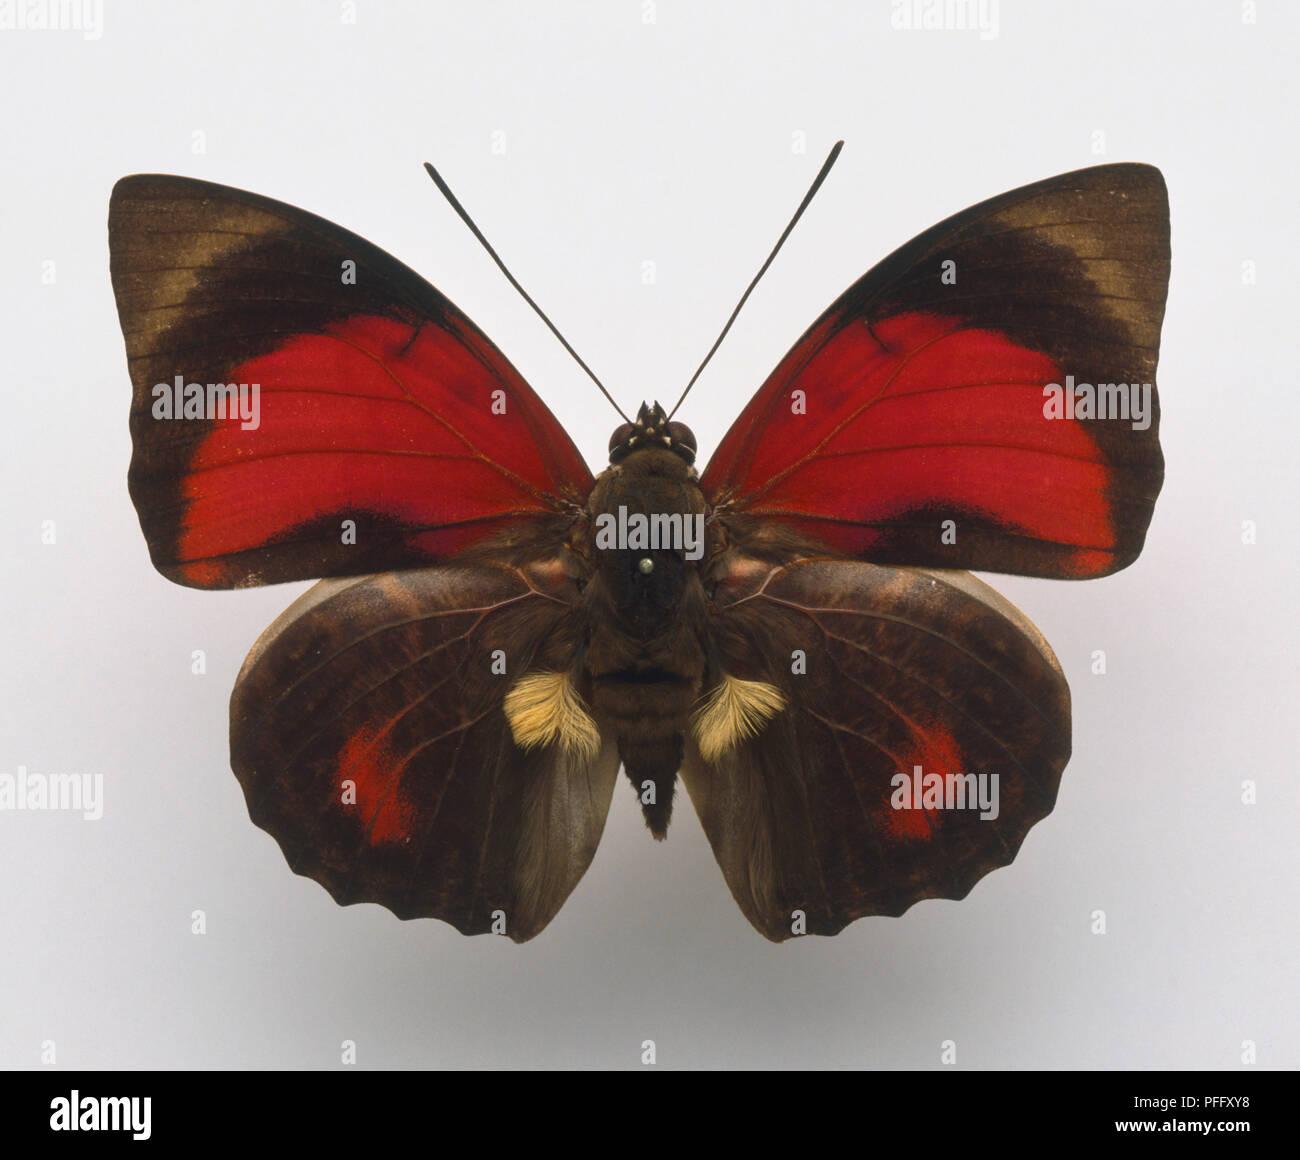 Espécimen, características externas de una mariposa, Schulze's agrias, Claudia agrias, rojo y negro. Foto de stock